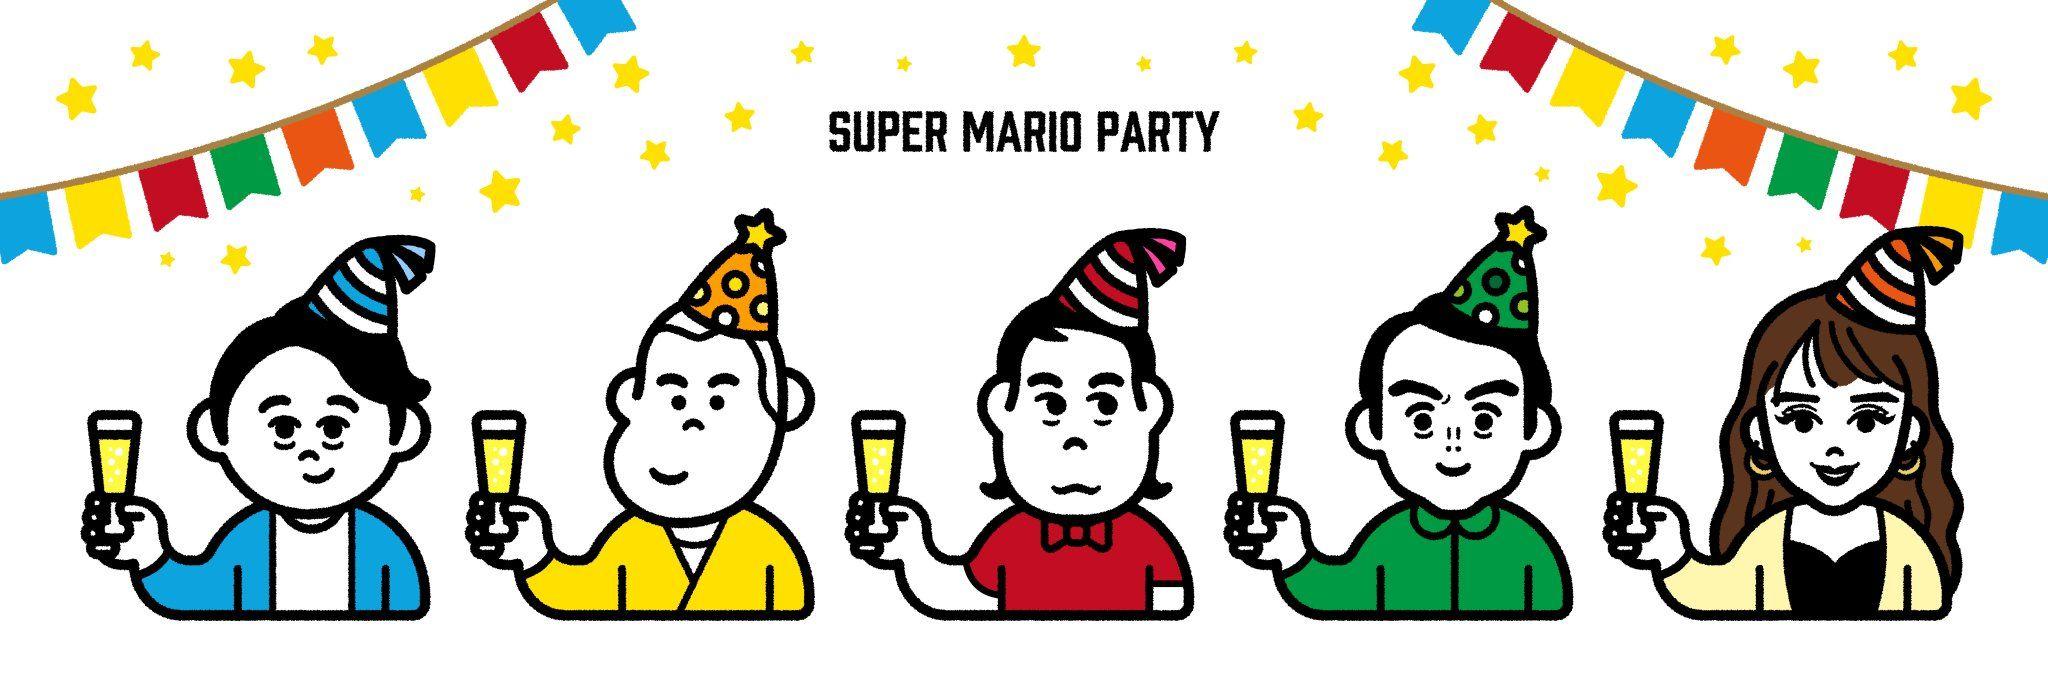 有吉ぃぃeeeee 公式 on twitter super mario party mario party super mario